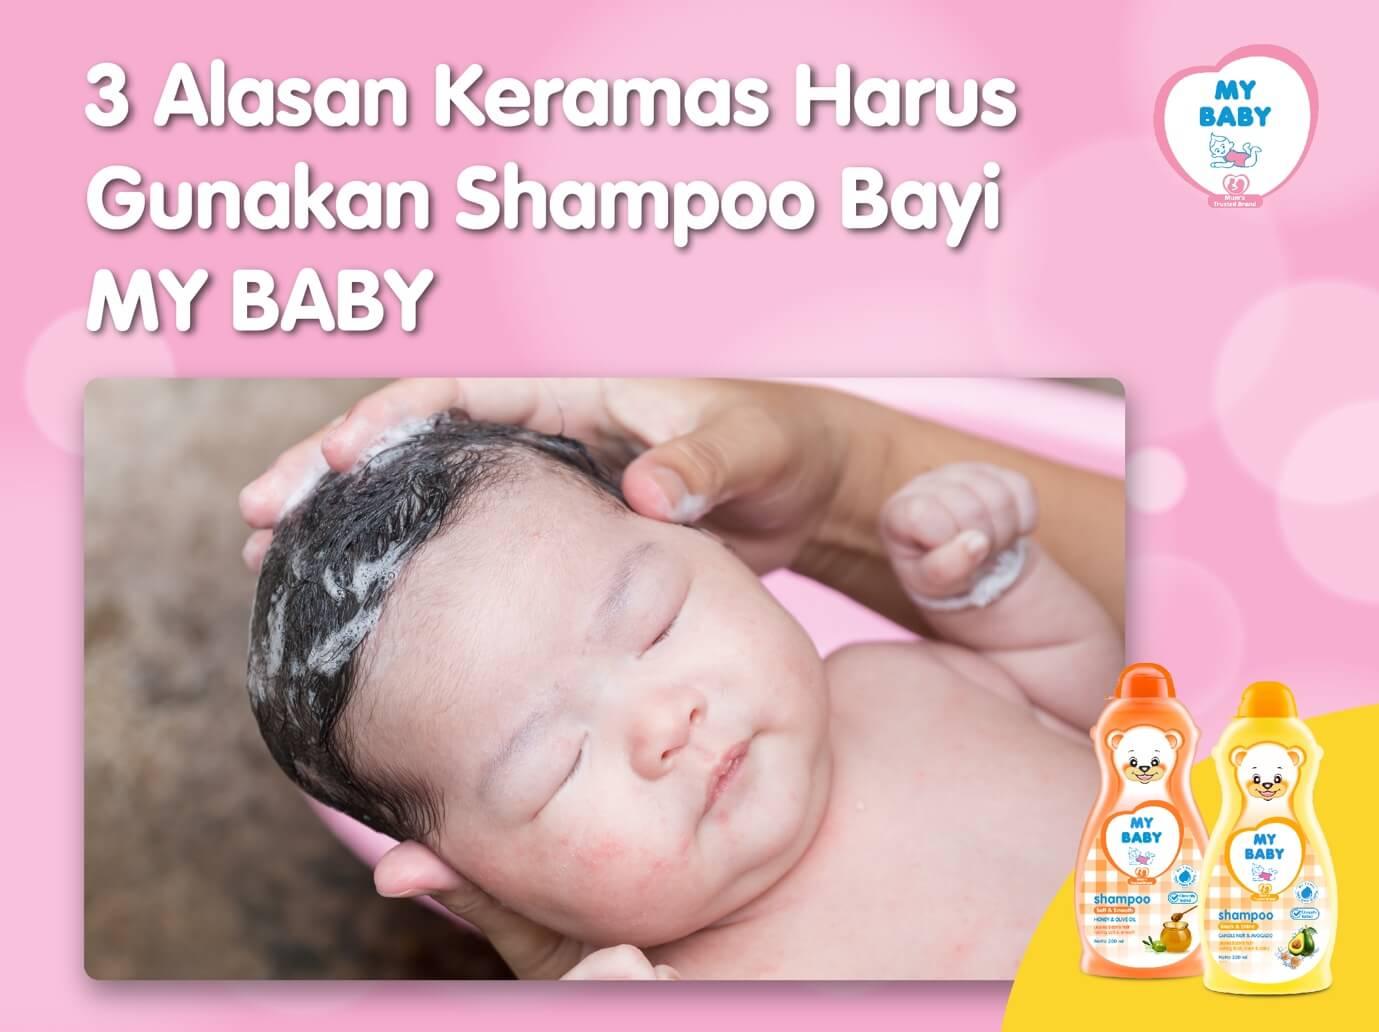 3 Alasan Keramas Harus Gunakan Shampoo Bayi MY BABY